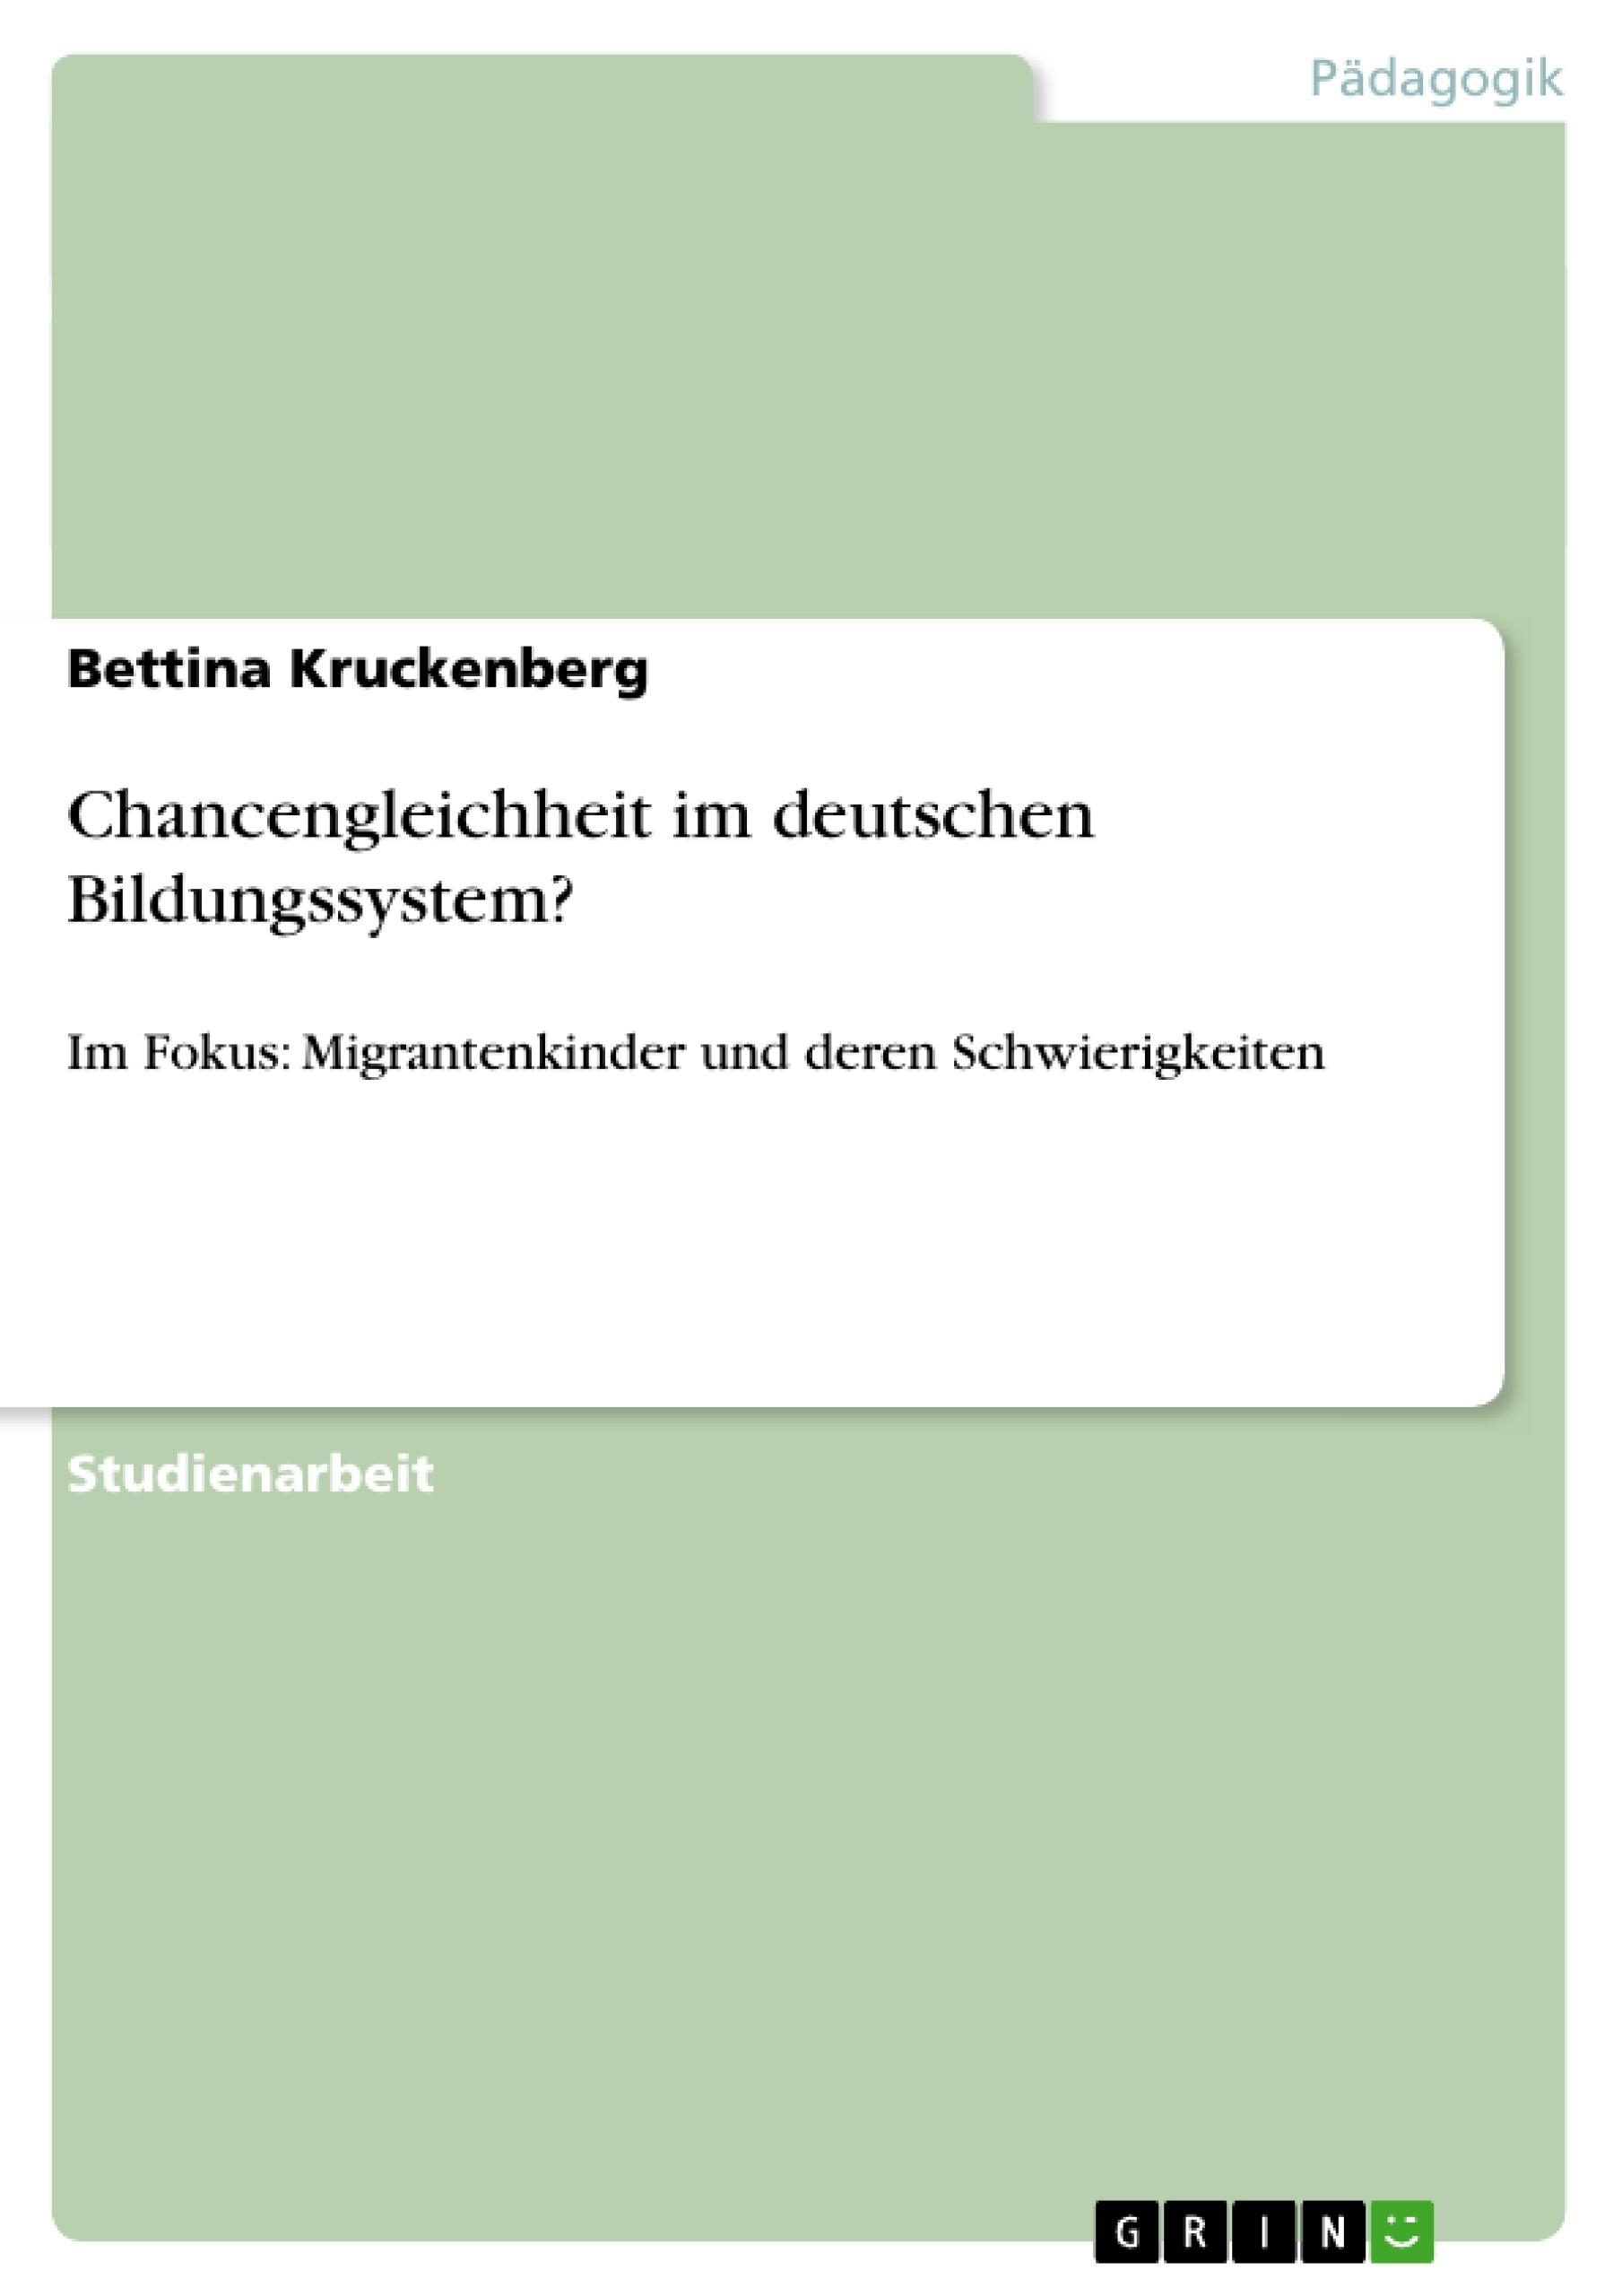 Titel: Chancengleichheit im deutschen Bildungssystem?